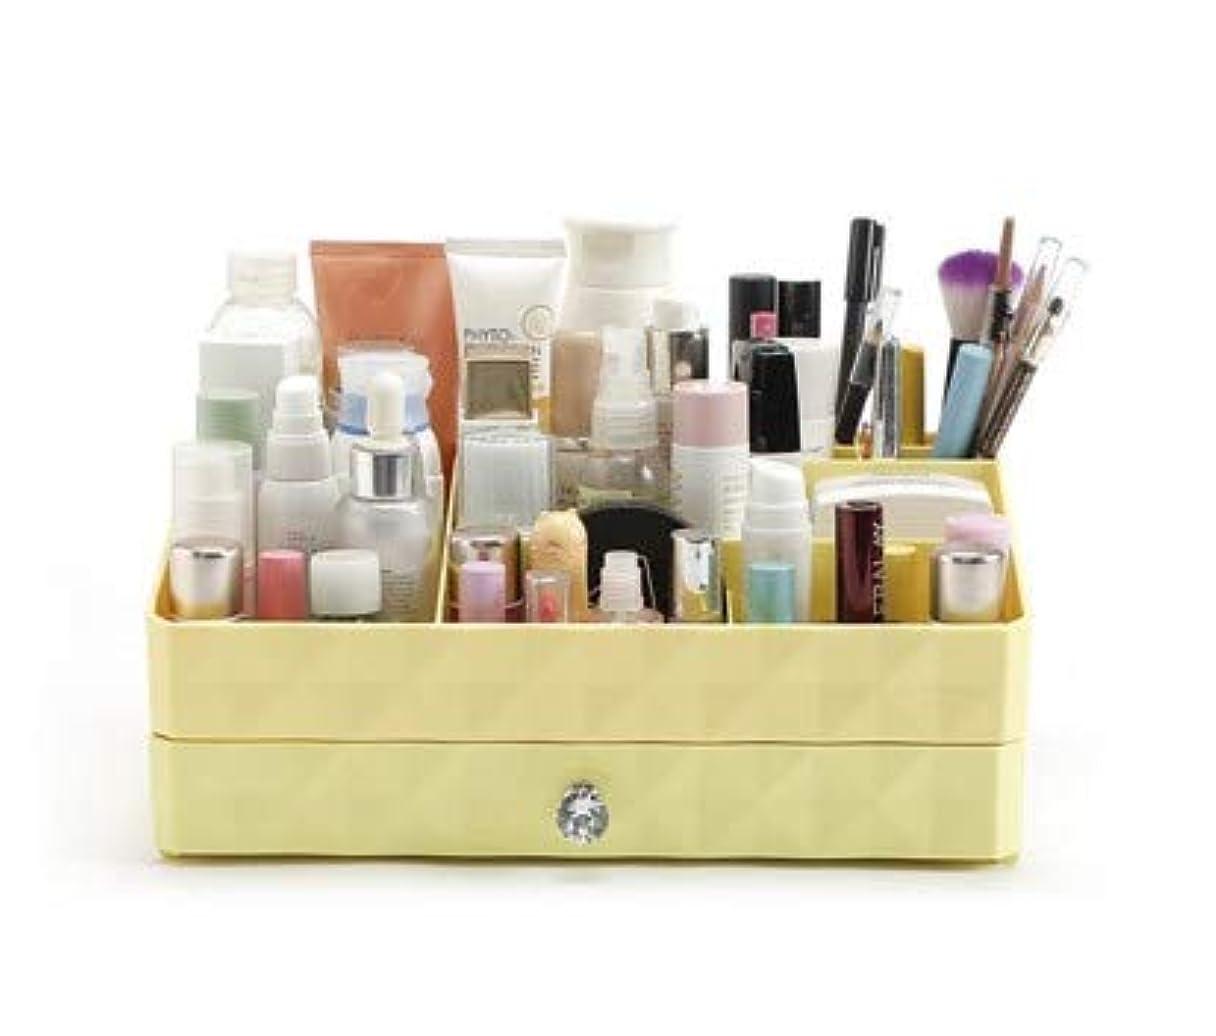 鎖指定する長いです引き出し型化粧品収納ボックス家庭用ドレッサープラスチック大型ジュエリー収納ボックス (Color : Yellow)